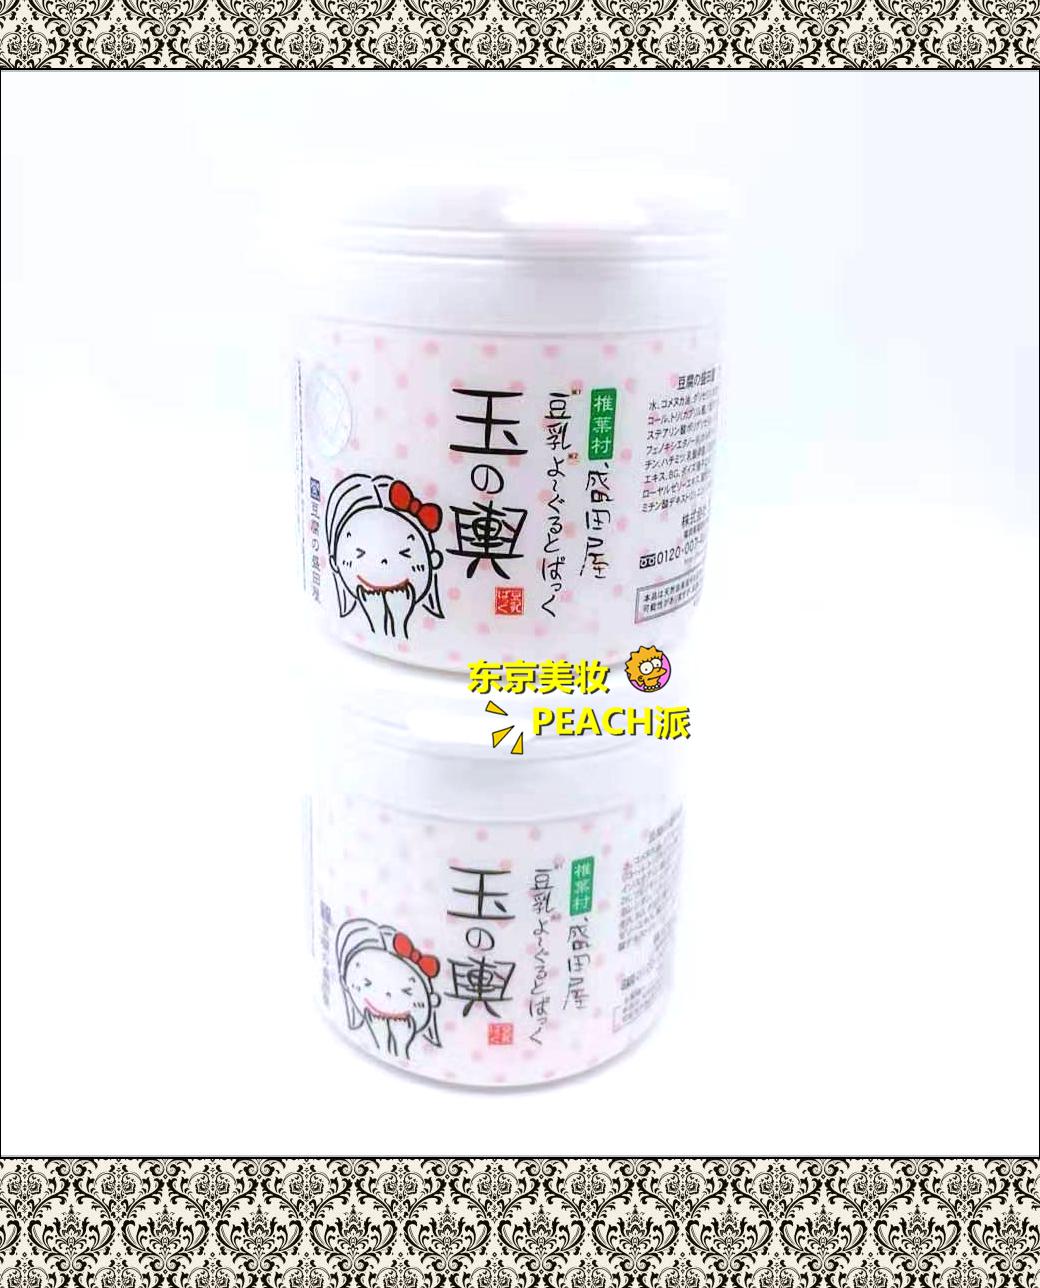 只賣正品彩妝日本 原裝 豆腐盛闐屋乳酸奶貼片面膜 質地柔軟補水保濕 深層滋養